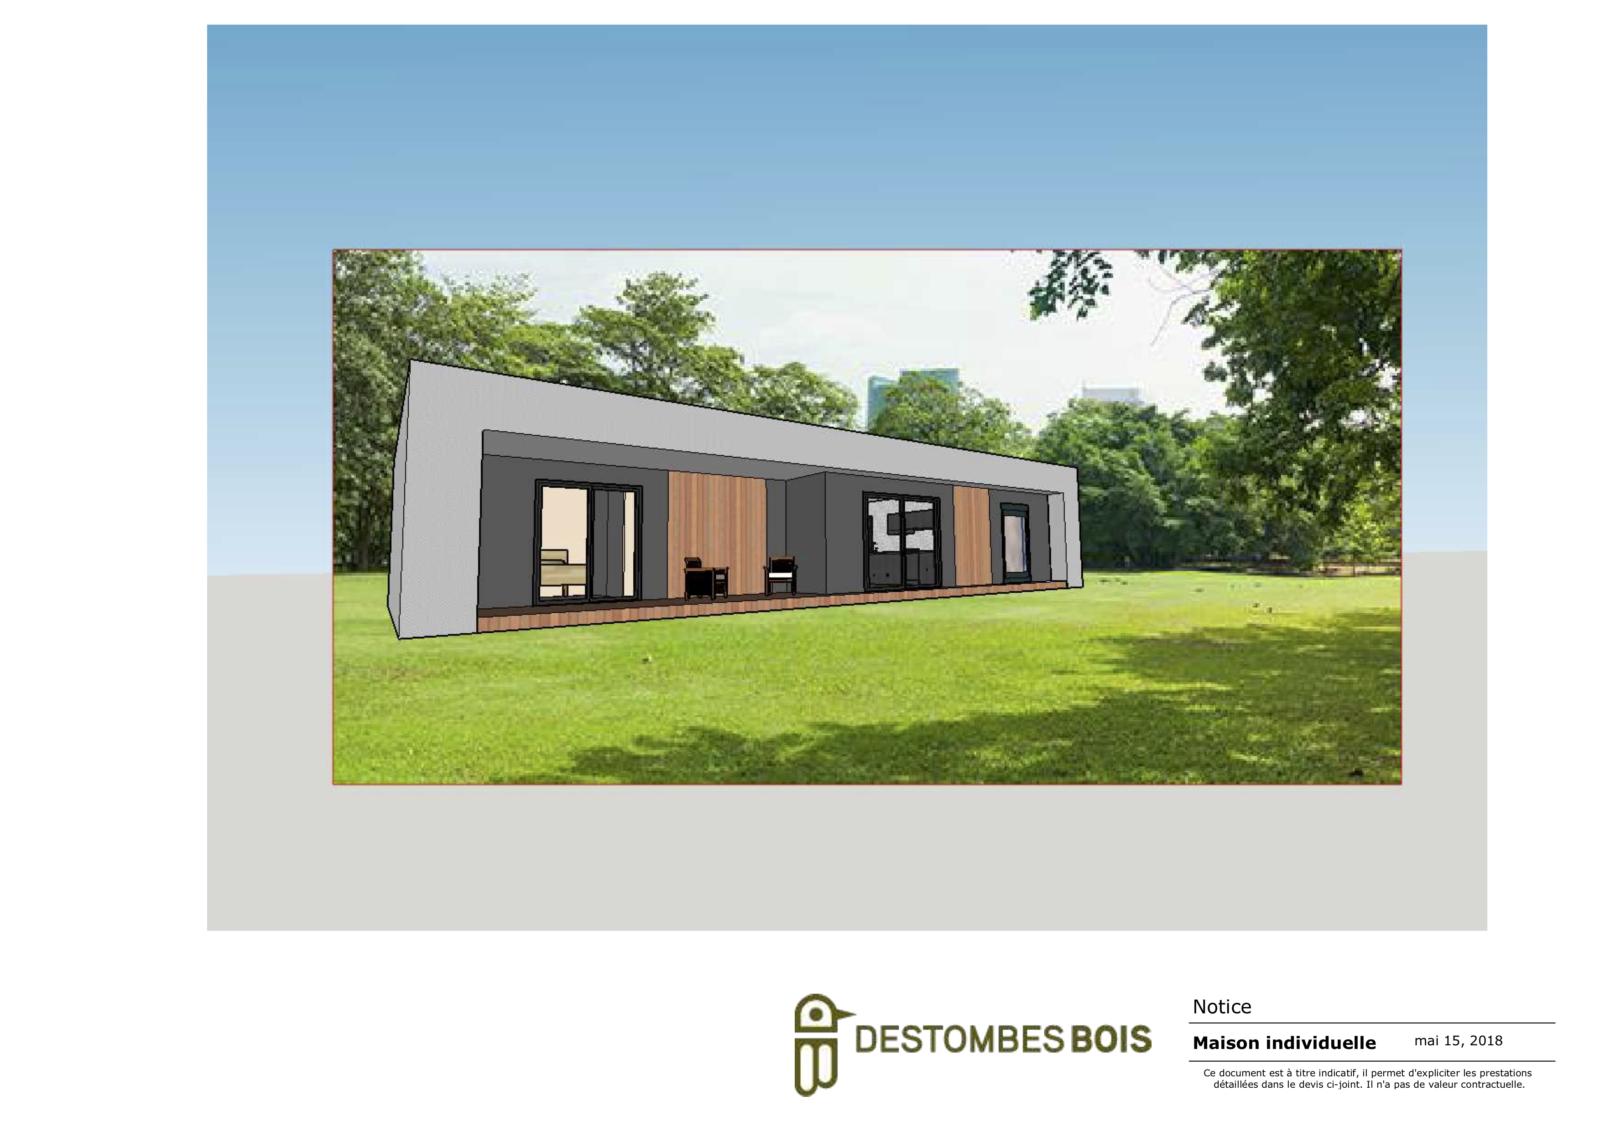 maison contemporaine avec terrasse couverte (glissé(e)s)